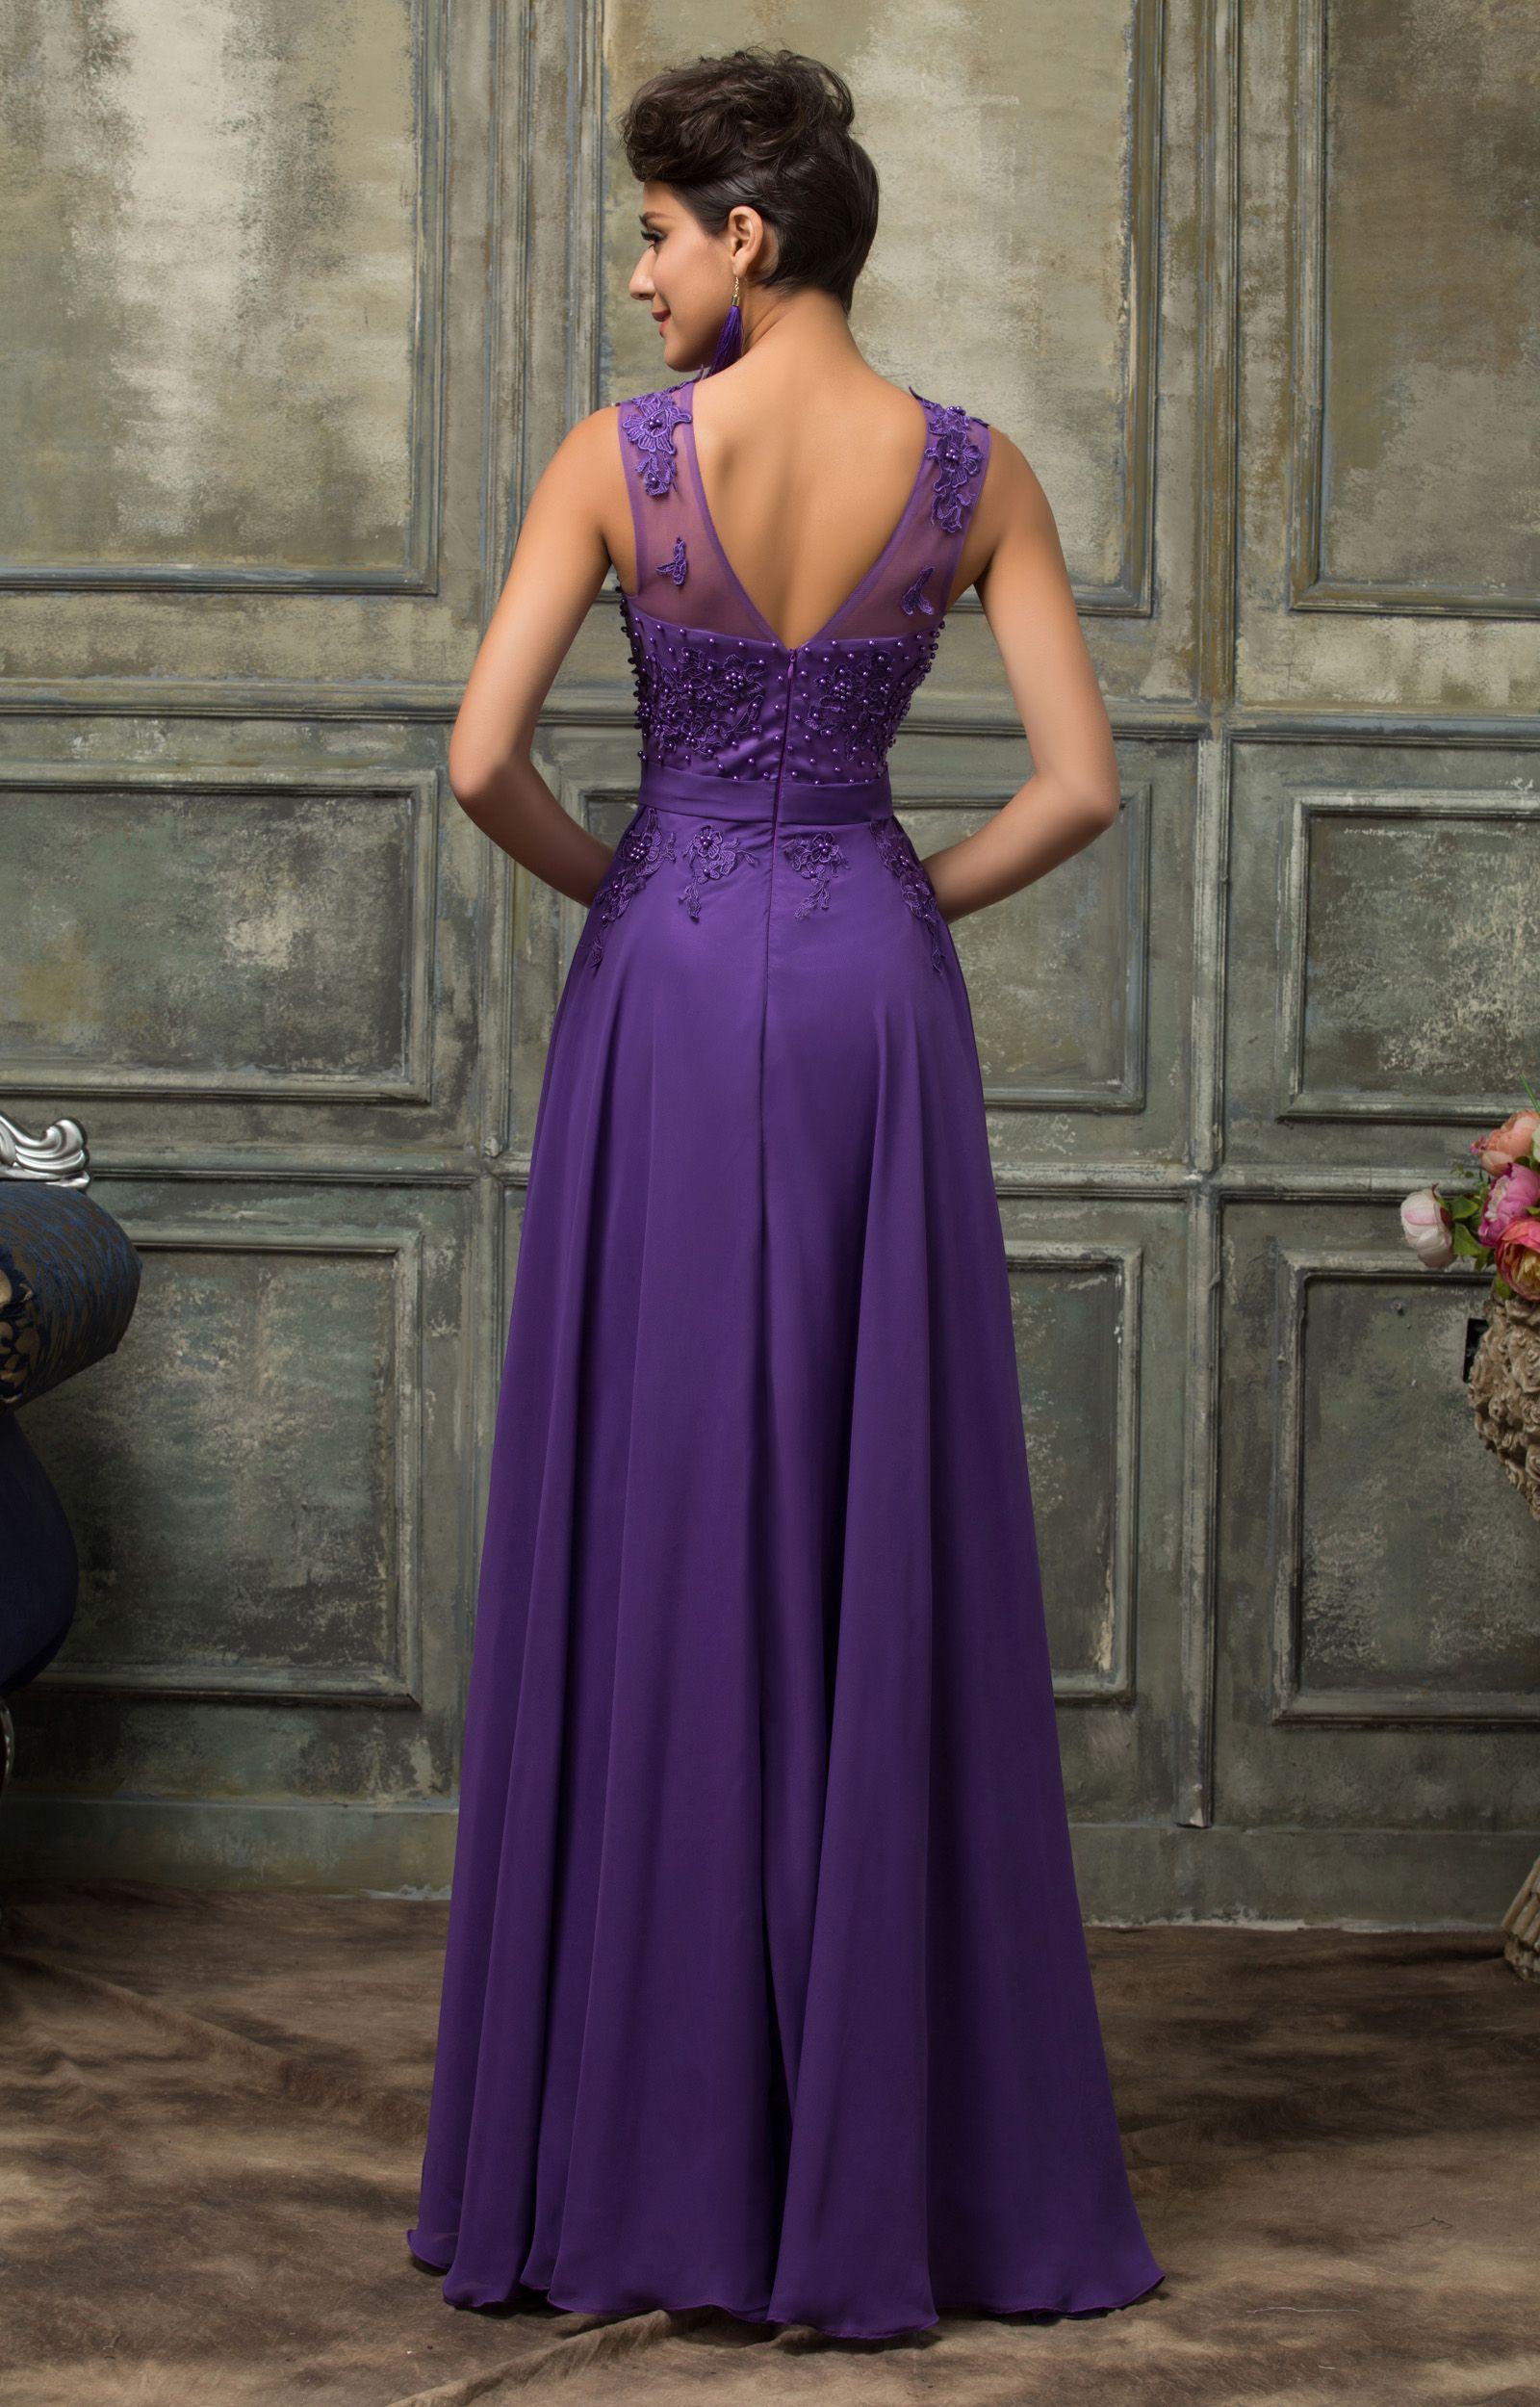 Купить фиолетовое длинное платье для полных на корпоратив или выпус ...